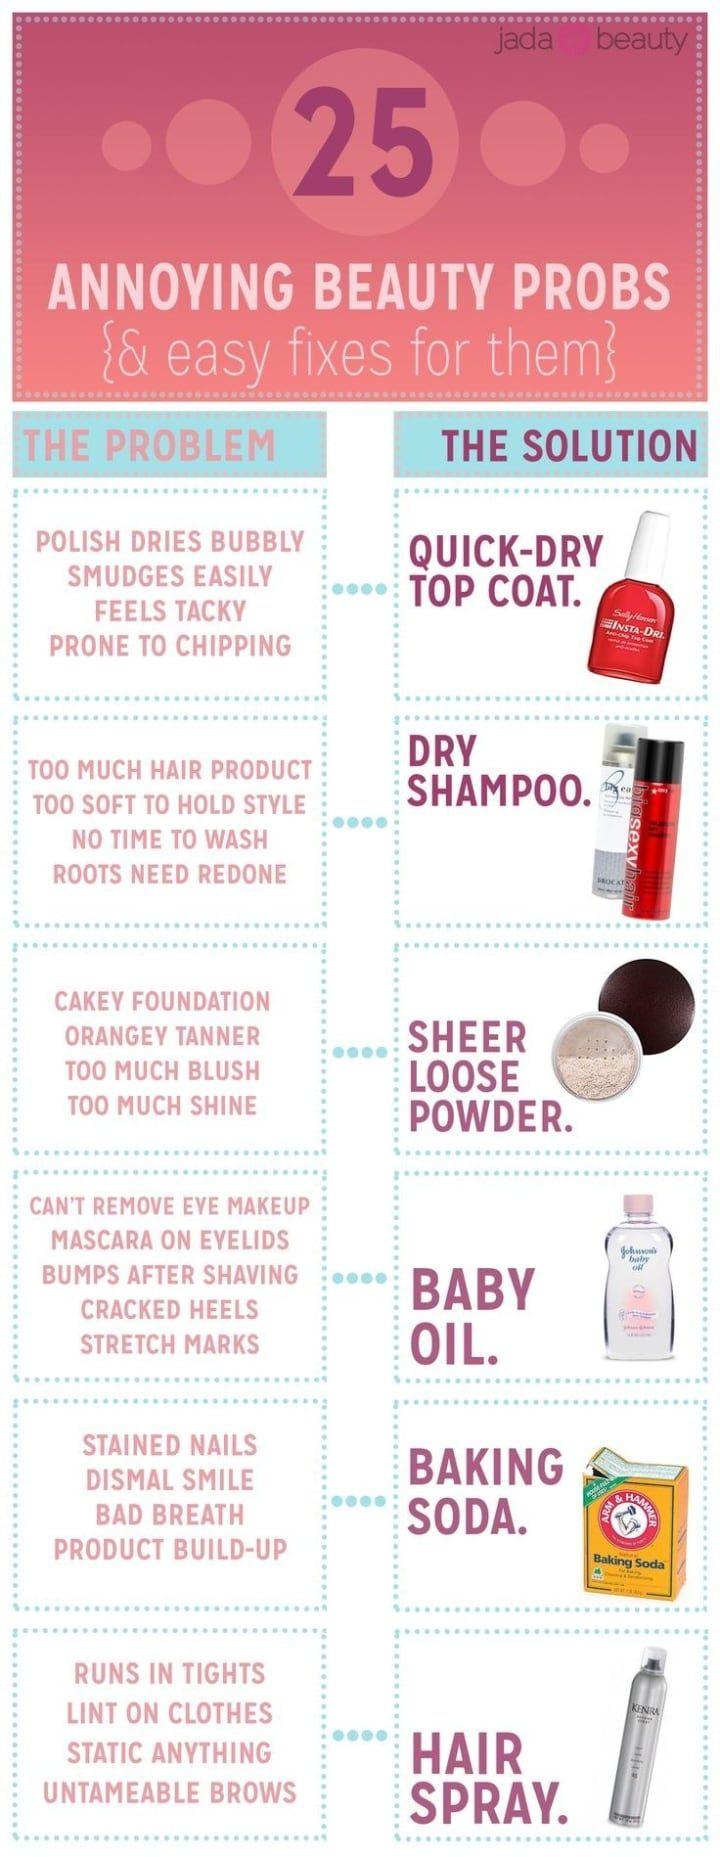 Ou seja:Unhas fracas e esmaltes que não duram -> passe esmalte extrabrilho de secagem rápidaSem tempo de lavar o cabelo, raízes pobres, cabelo que não pega penteado, muitos produtos de cabelo ao mesmo tempo -> resolva com xampu a secoMuito brilho, muito blush, bronzeado ruim ou base errada -> pó facial transparenteResíduos de rímel, remover maquiagem, feridas de depilação, machucado de salto e estrias -> use óleo Johnson's baby Unhas amareladas, sorriso opaco, mau hálito -> use bicarbonato…